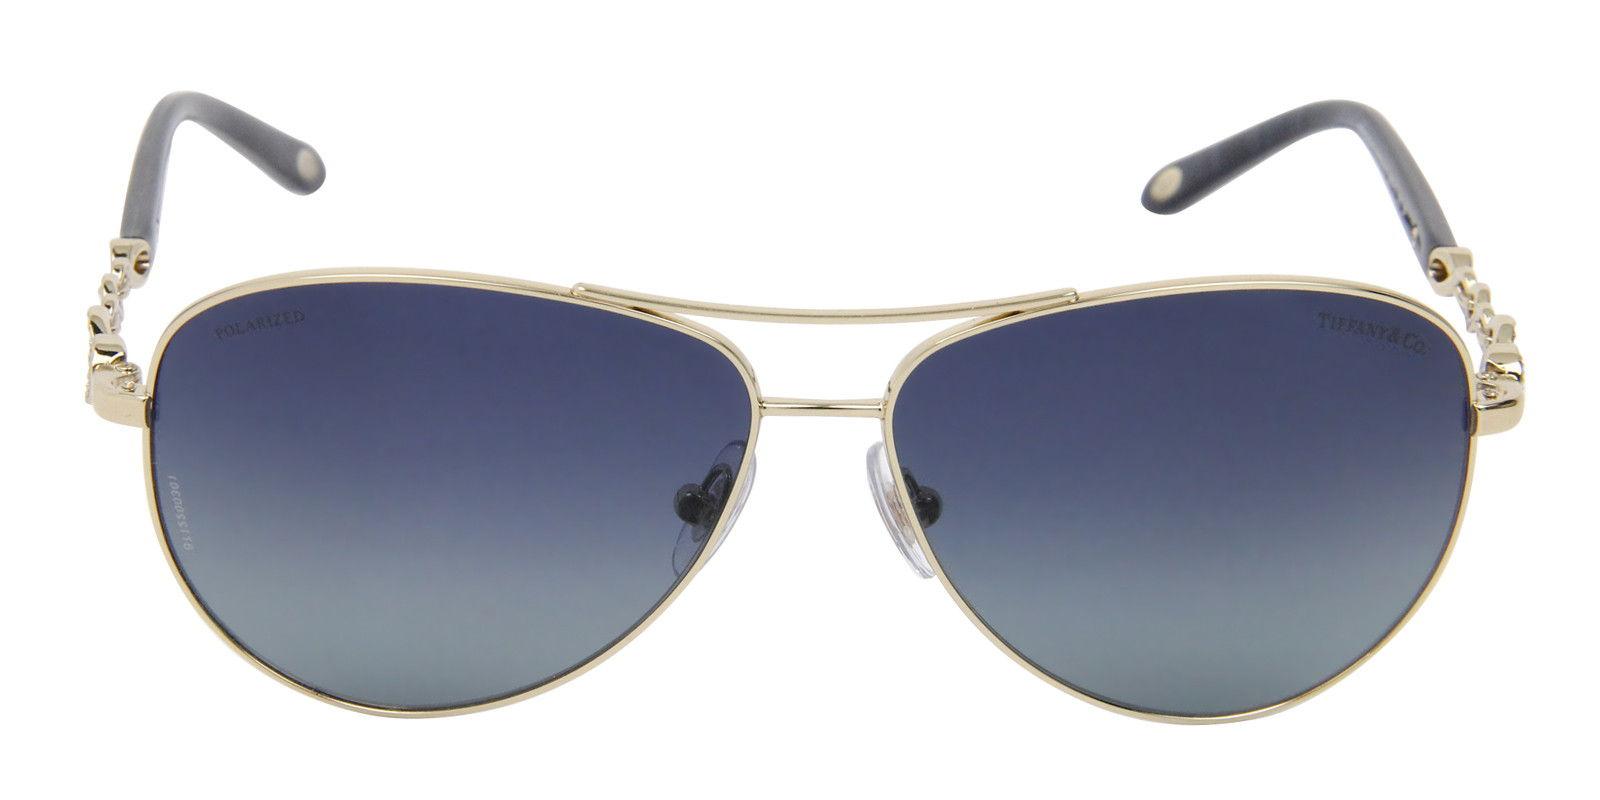 TIFFANY WOMEN'S TF3049B GOLD  BLUE LENS SUNGLASSES (font)